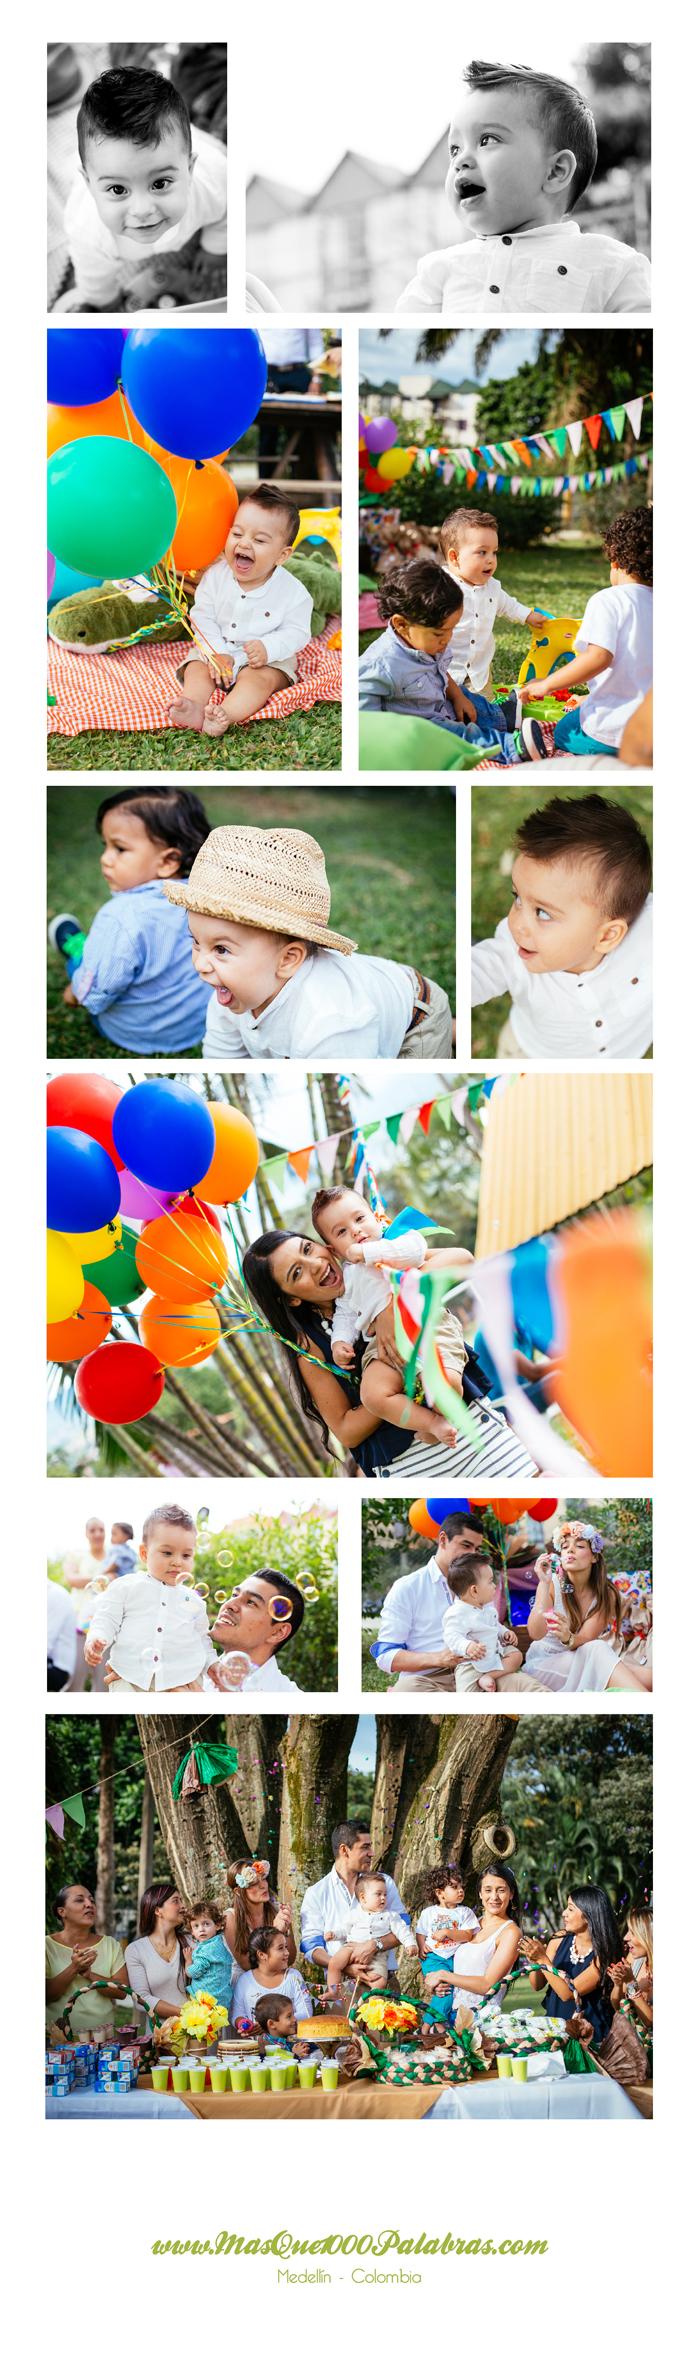 cumpleaños, fotografo, fotografia, celebracion, medellin, envigado, bebe, fiesta